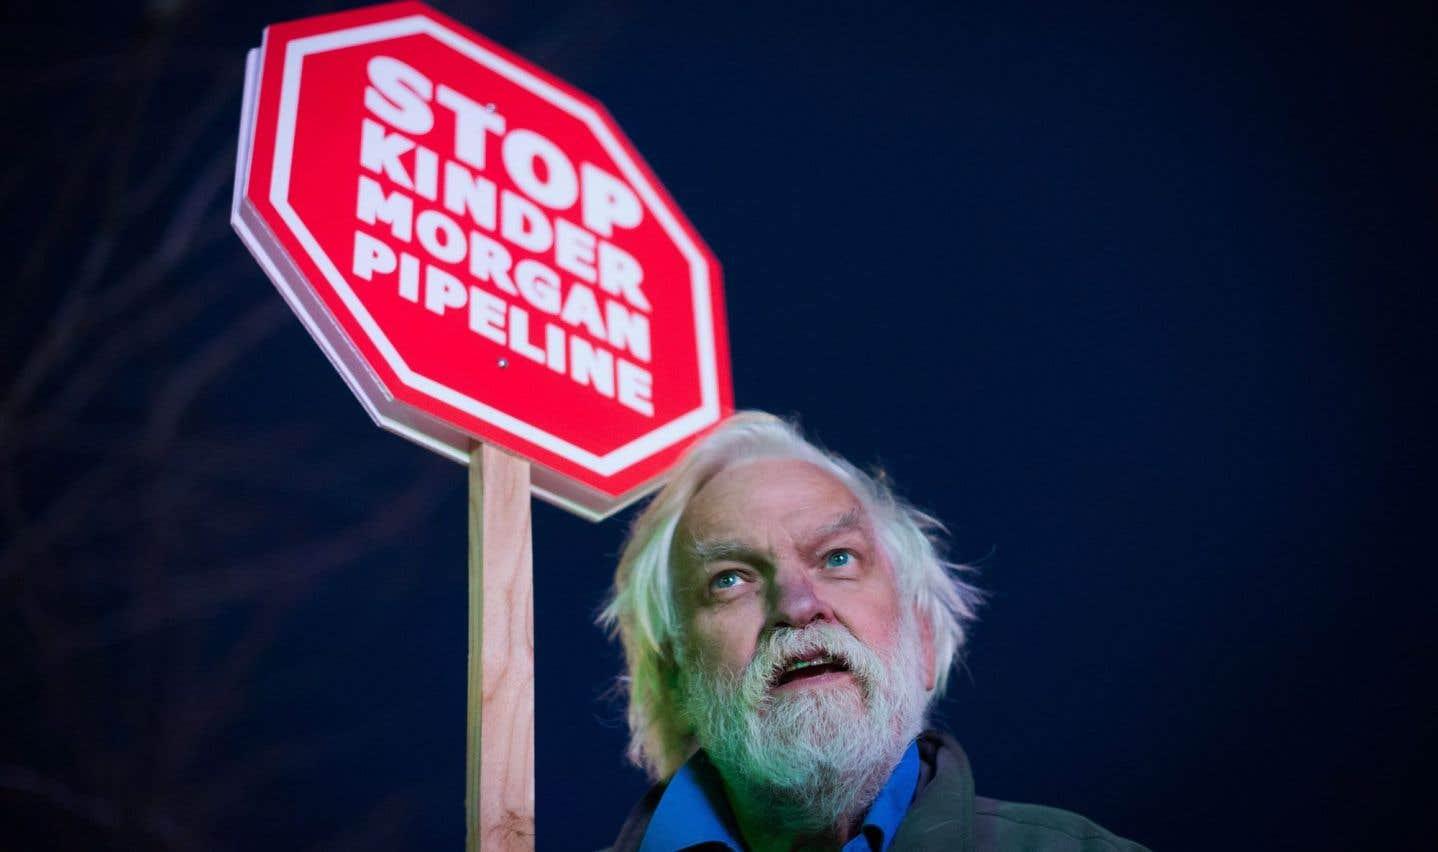 Un homme manifestait son désaccord après l'annonce de l'augmentation de la capacité de l'oléoduc Trans Mountain, mardi à Vancouver.